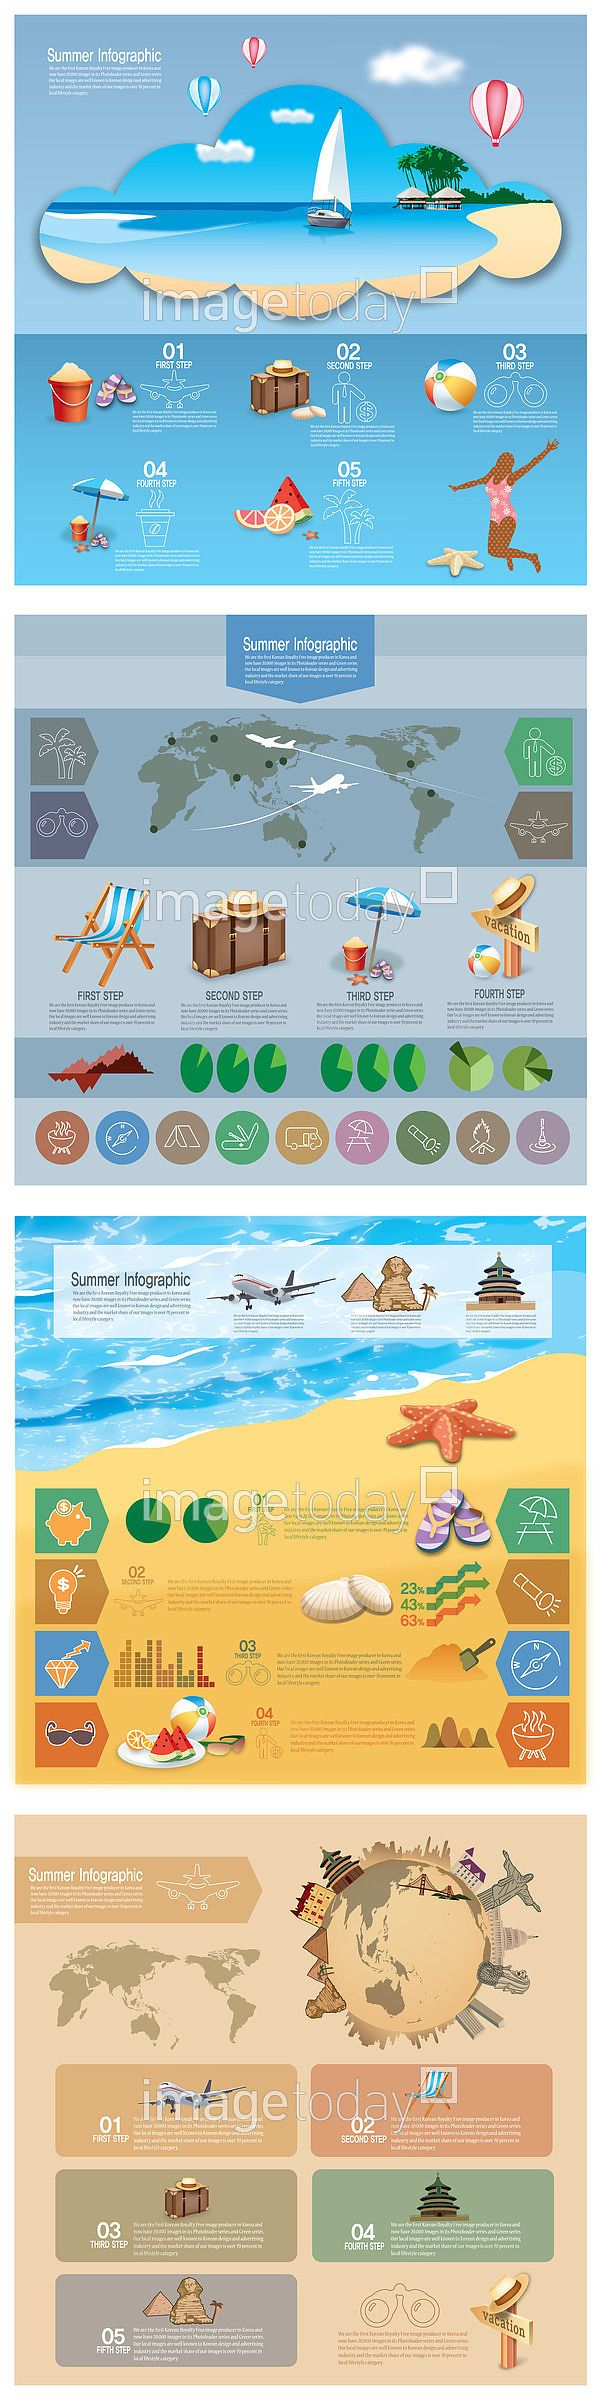 일러스트 #이미지투데이 #imagetoday #클립아트코리아 #clipartkorea #통로이미지 #tongroimages 계절 여름 과일 여행 바다 플랫디자인 인포그래픽 해외여행 휴가 선글라스 해변 조개 불가사리 글로벌 랜드마크 season summer fruit travel sea flatdesign infographic holiday sunglasses beach starfish global landmark illust illustration